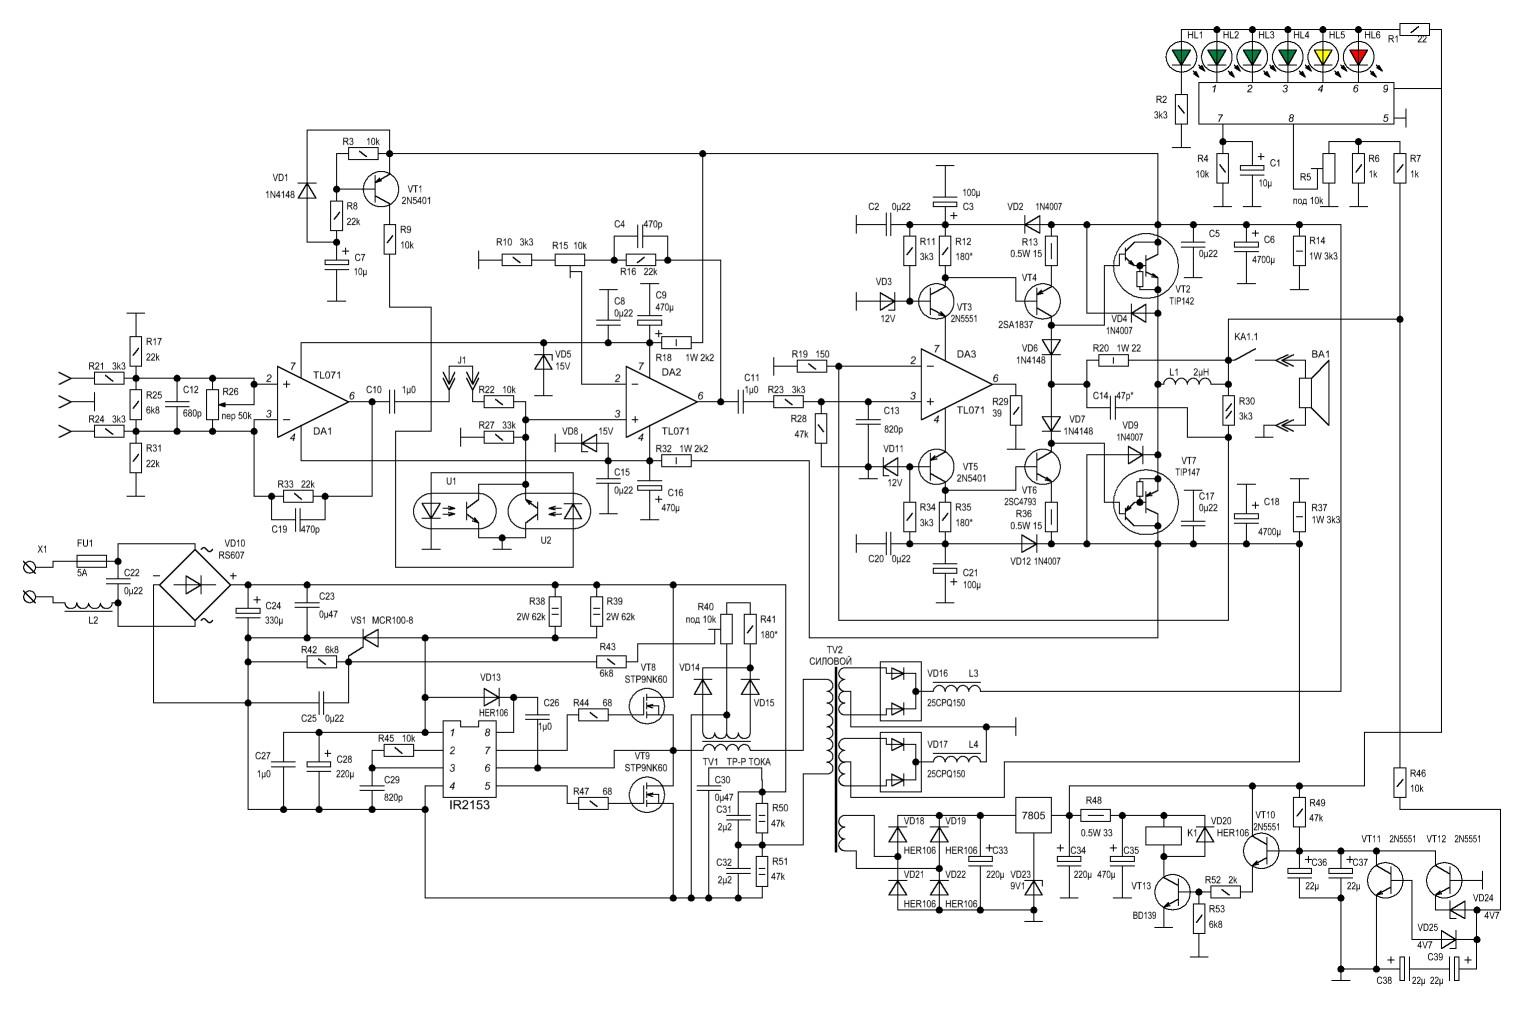 Принципиальная схема усилителя мощности ЗЧ с блоком питания и предварительным усилителем.